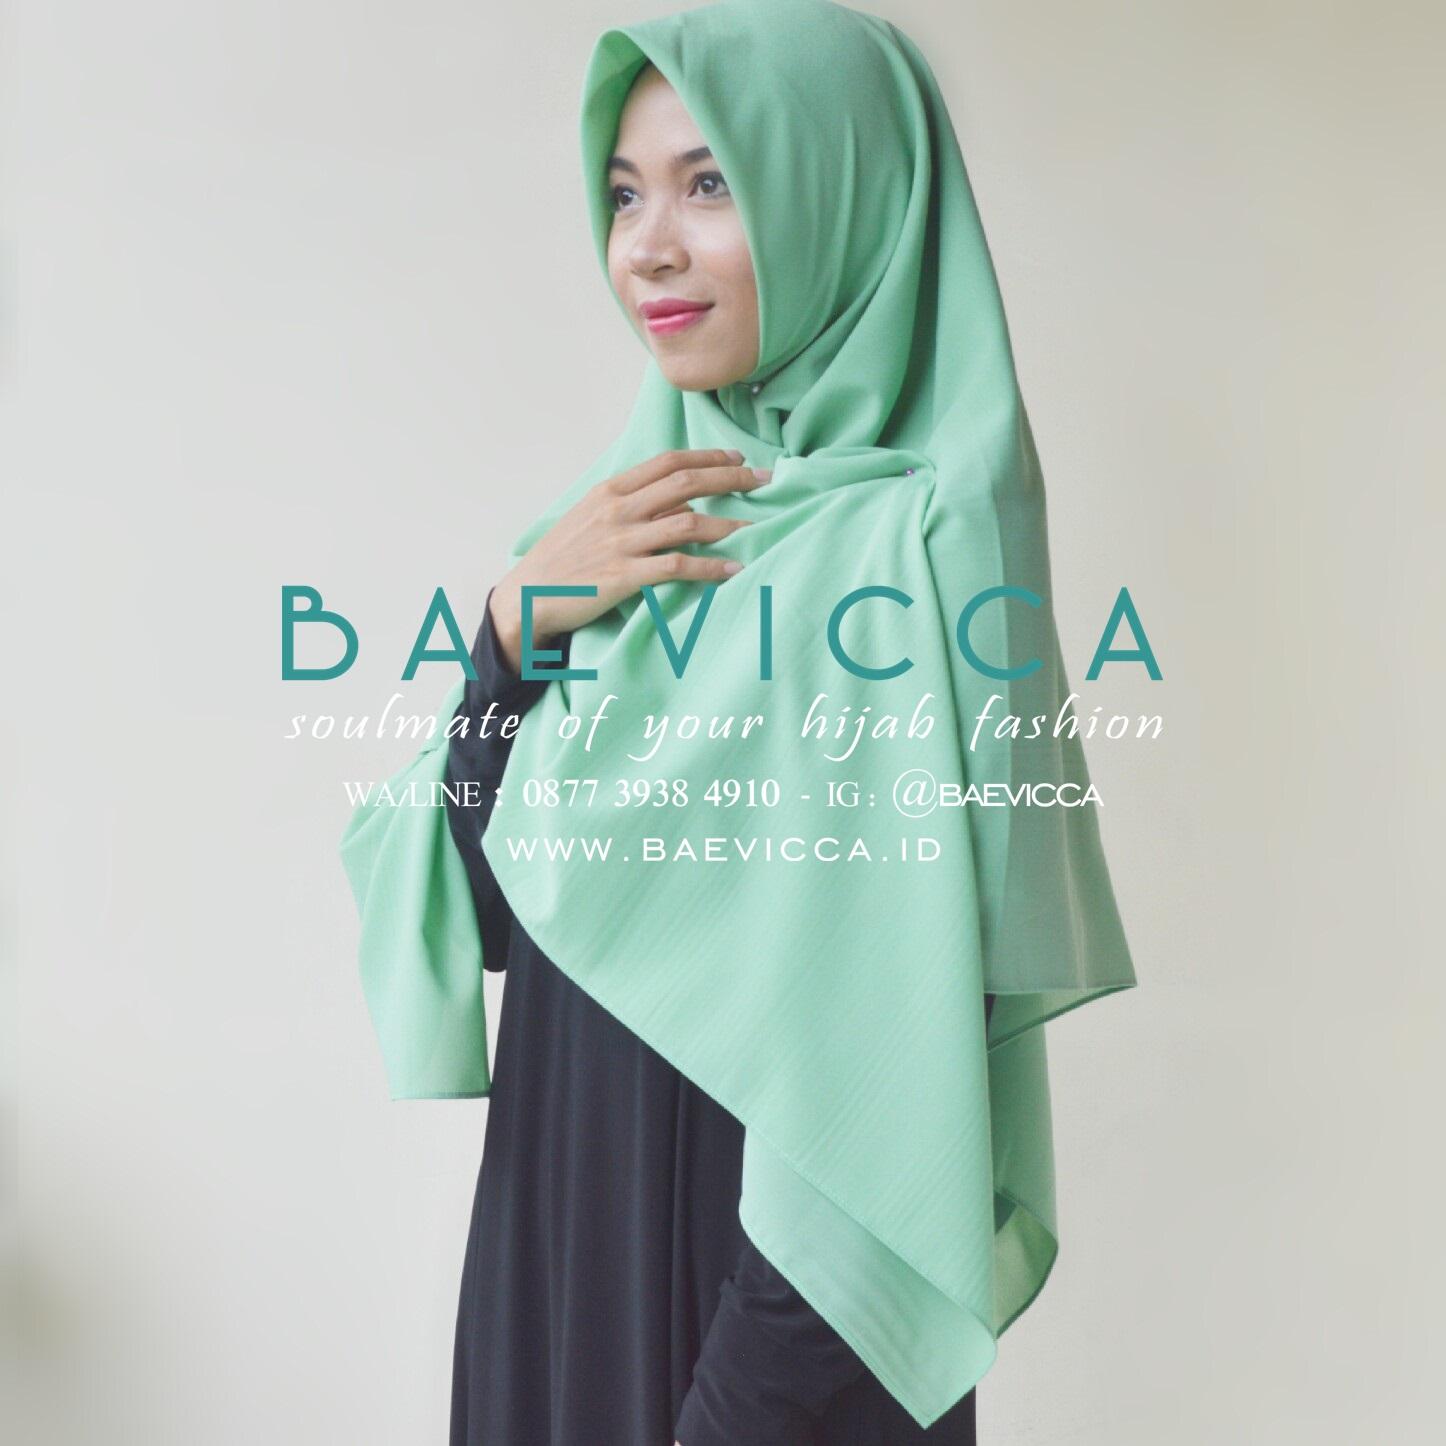 87 Gmsa012 Model Baju Gamis Muslimah Koleksi Busana